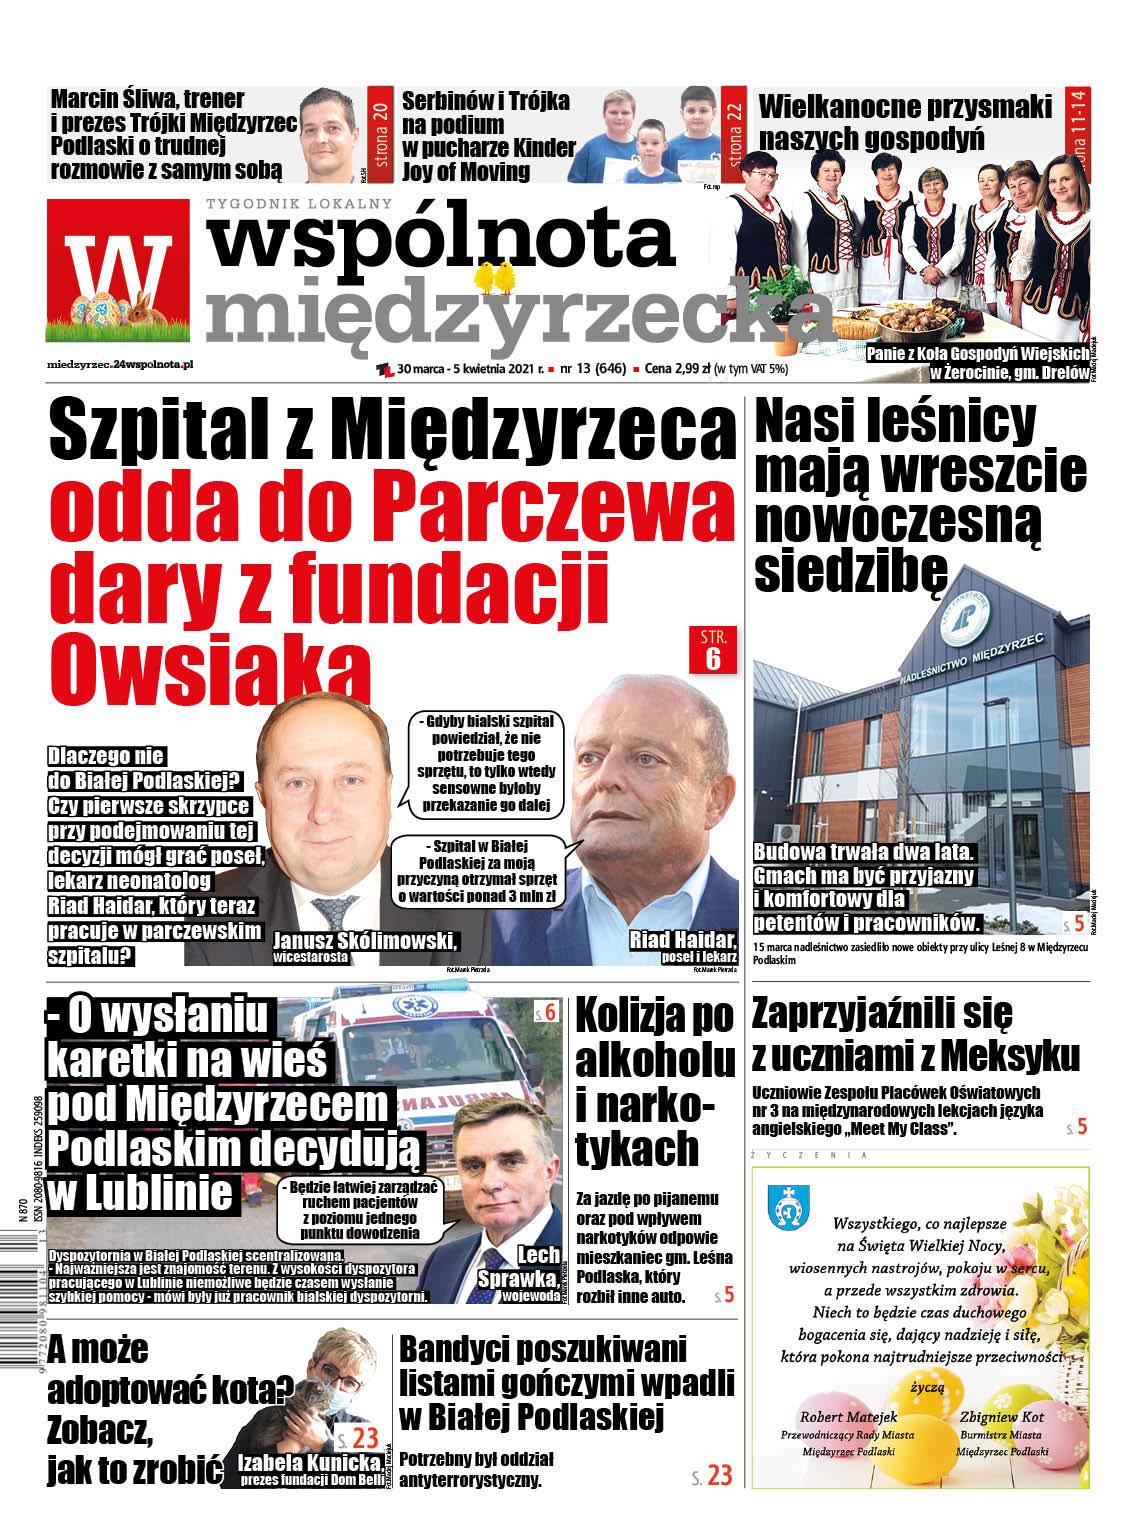 Szpital z Międzyrzeca odda do Parczewa dary z fundacji Owsiaka - Zdjęcie główne